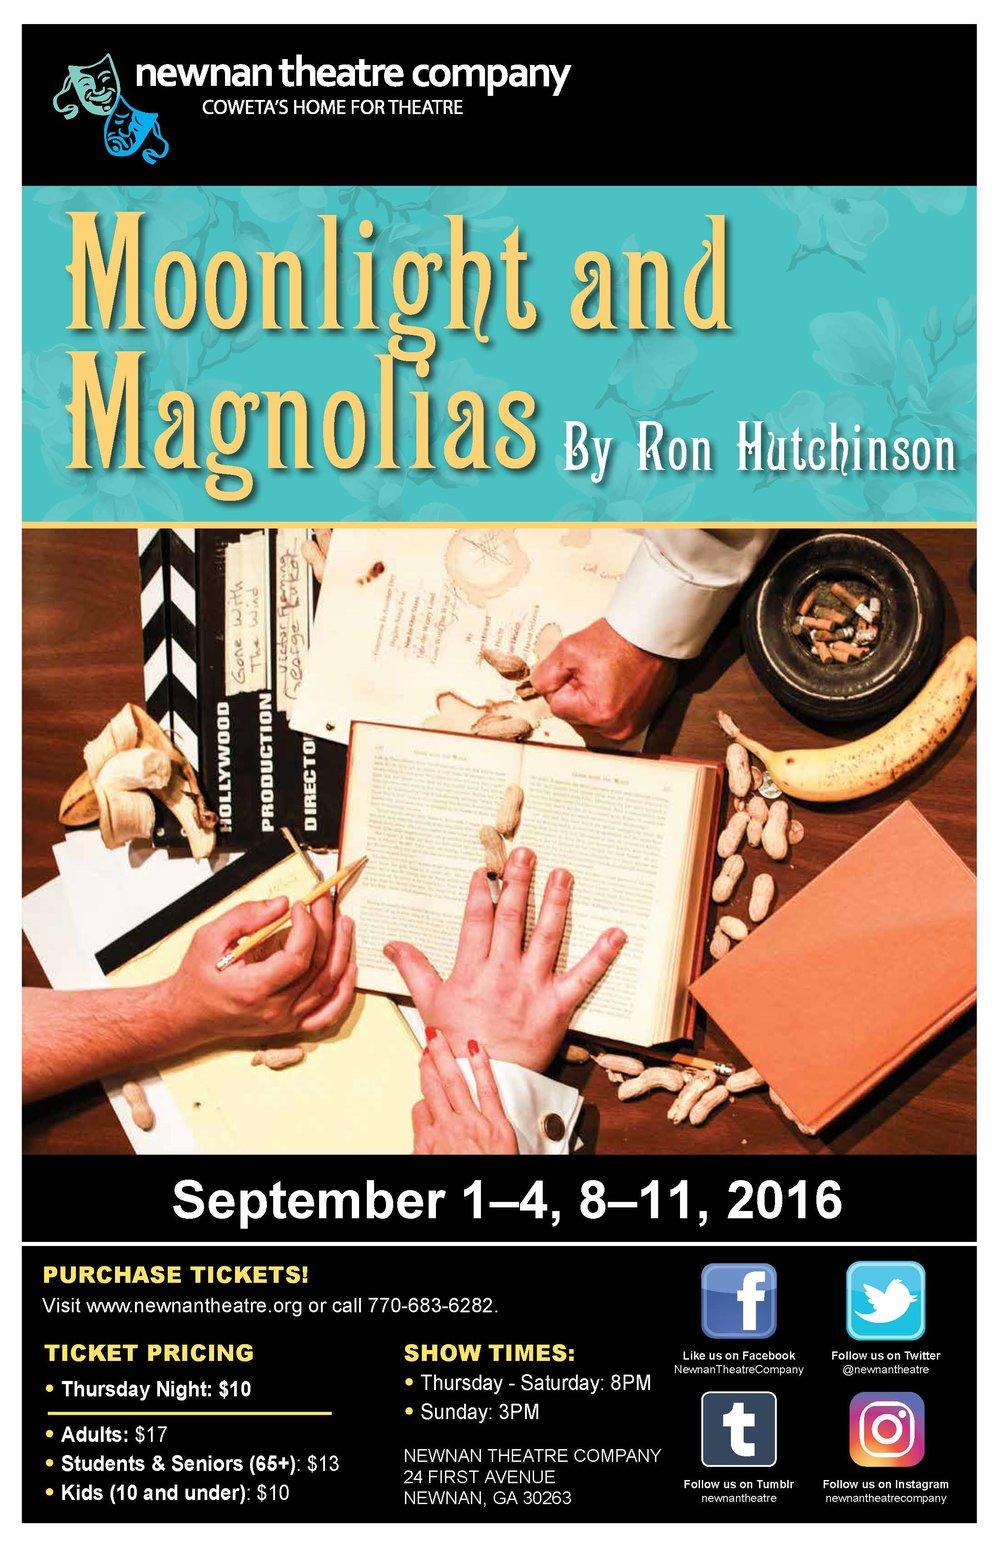 Moonlight Magnolias poster 11x17.jpg